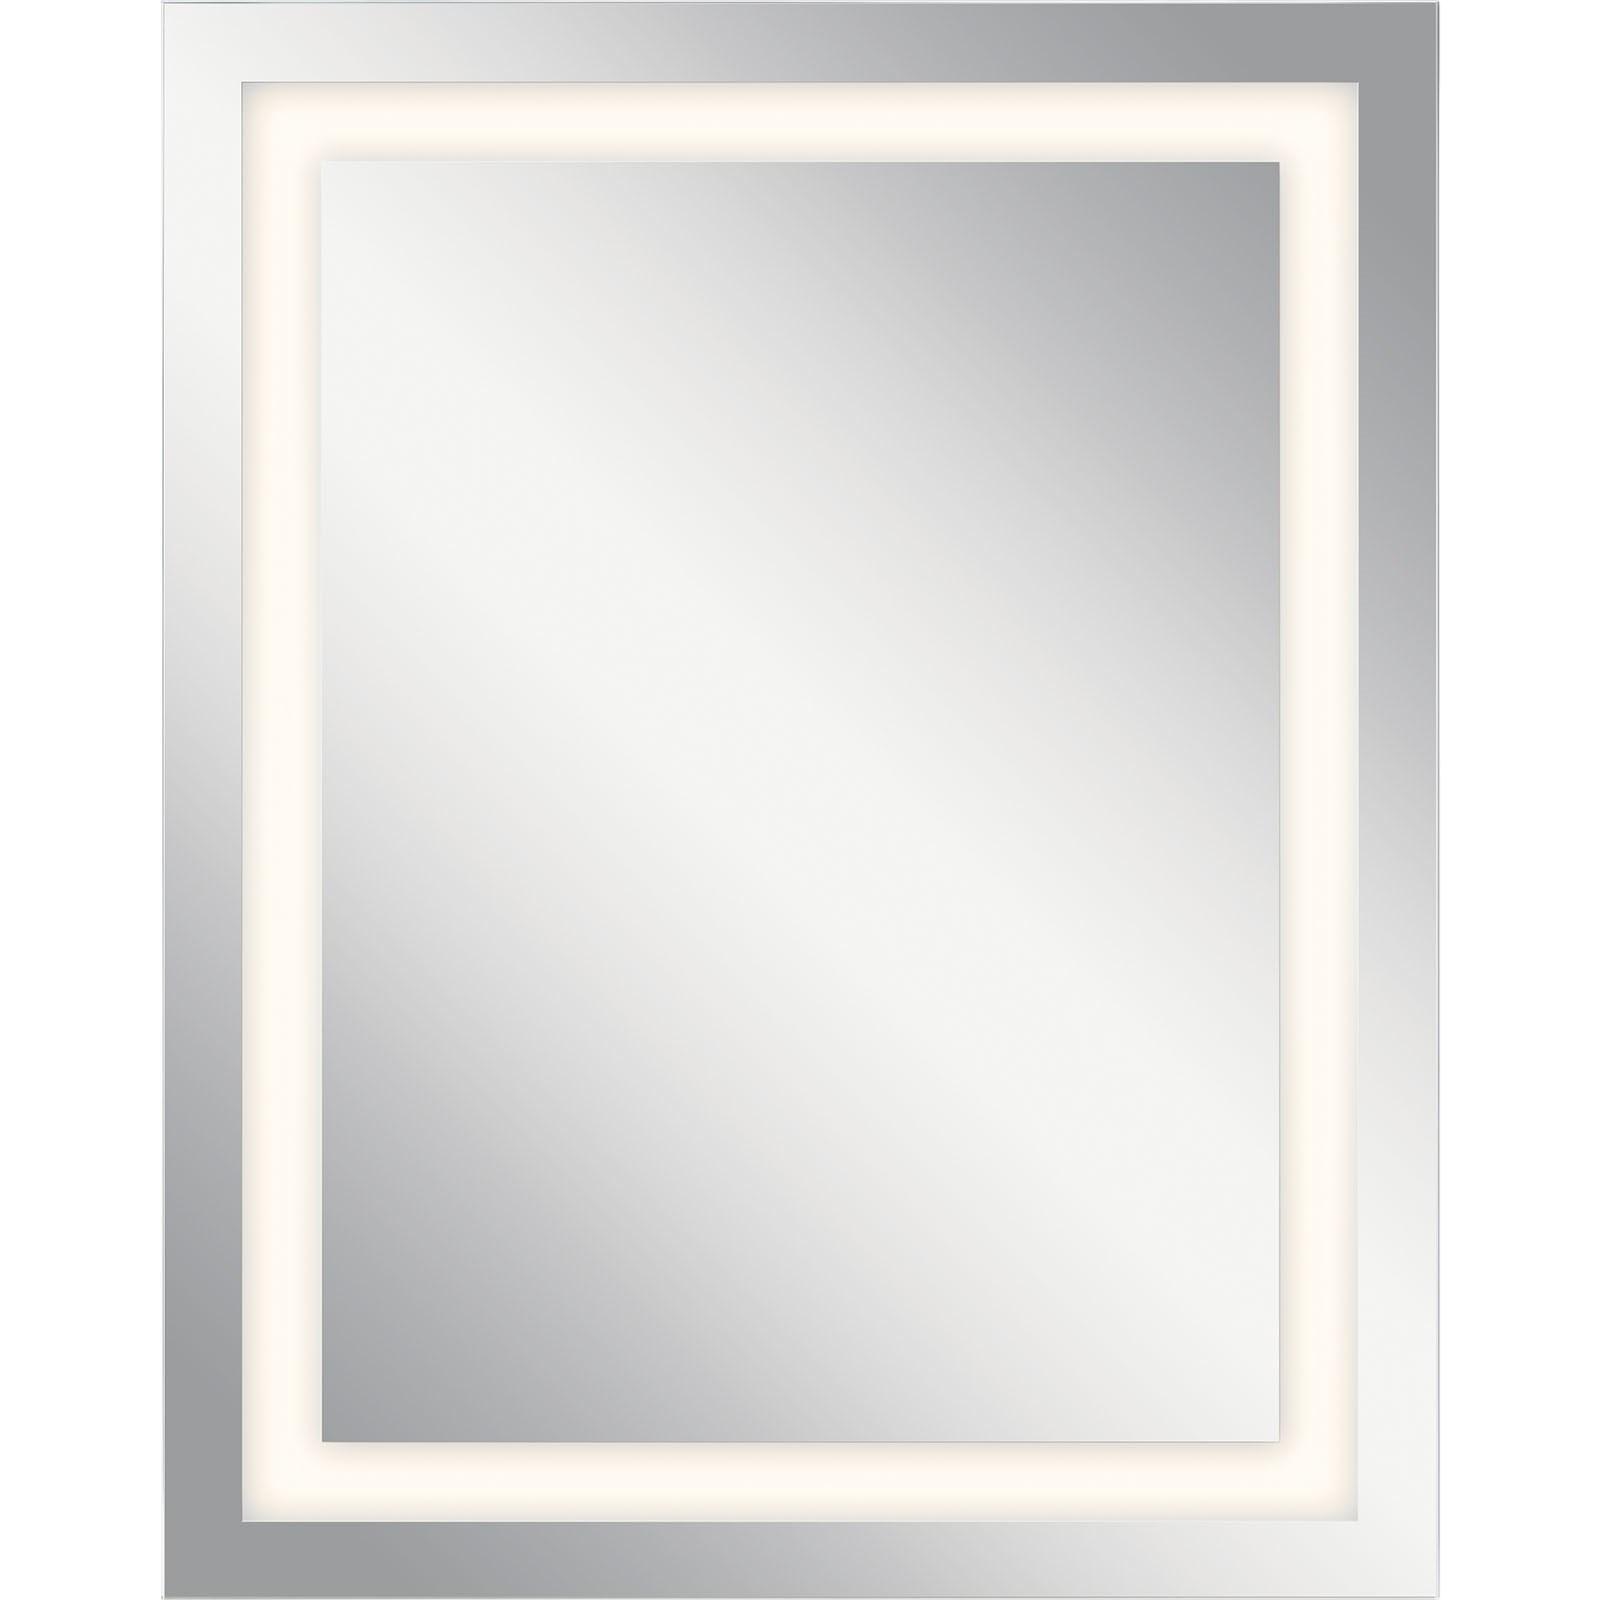 Alkar 6341394 Primed Mirror Housing